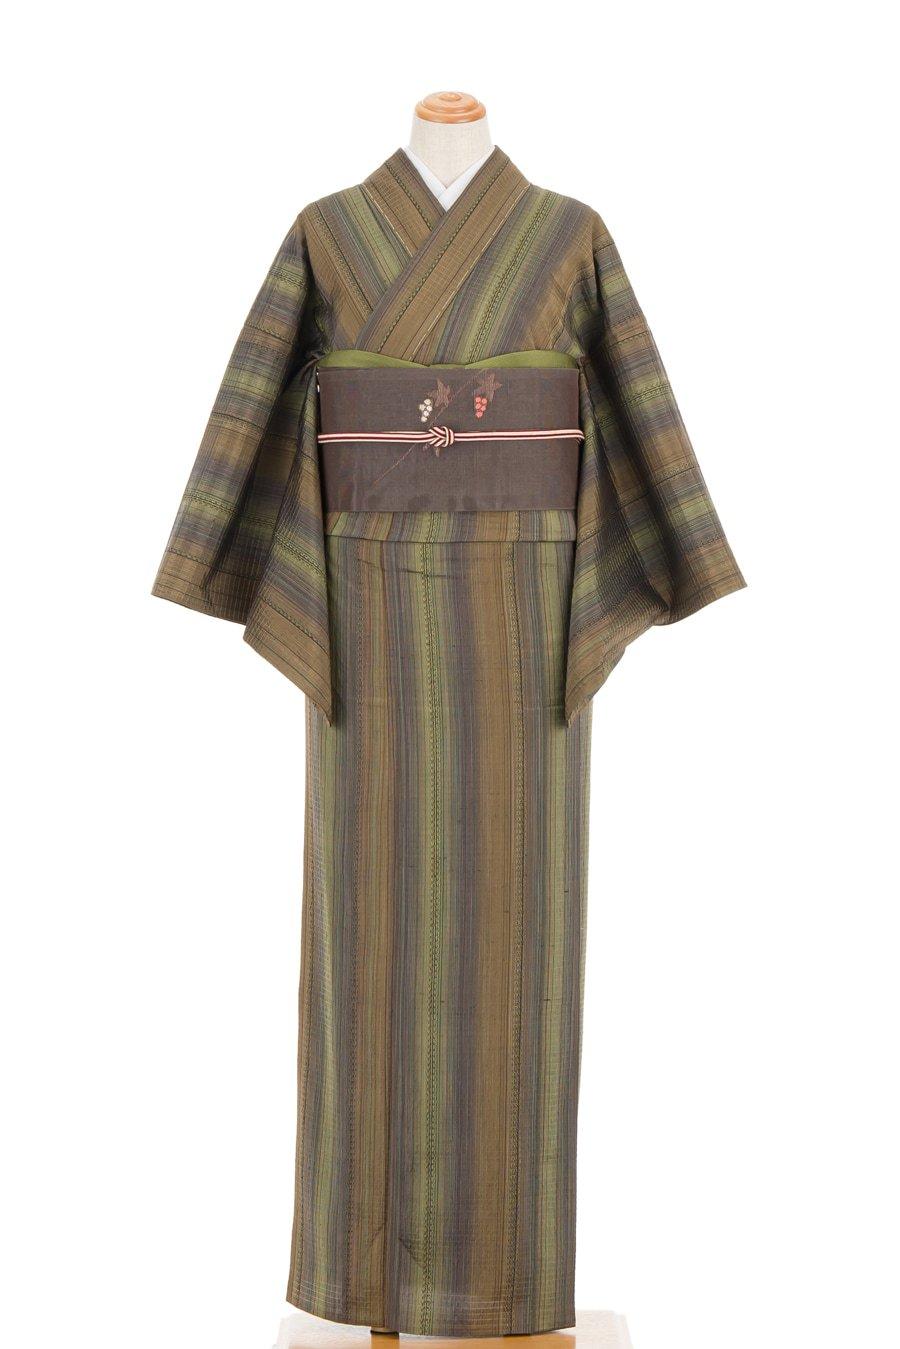 「単衣 焦げ茶や緑の暈し縞」の商品画像